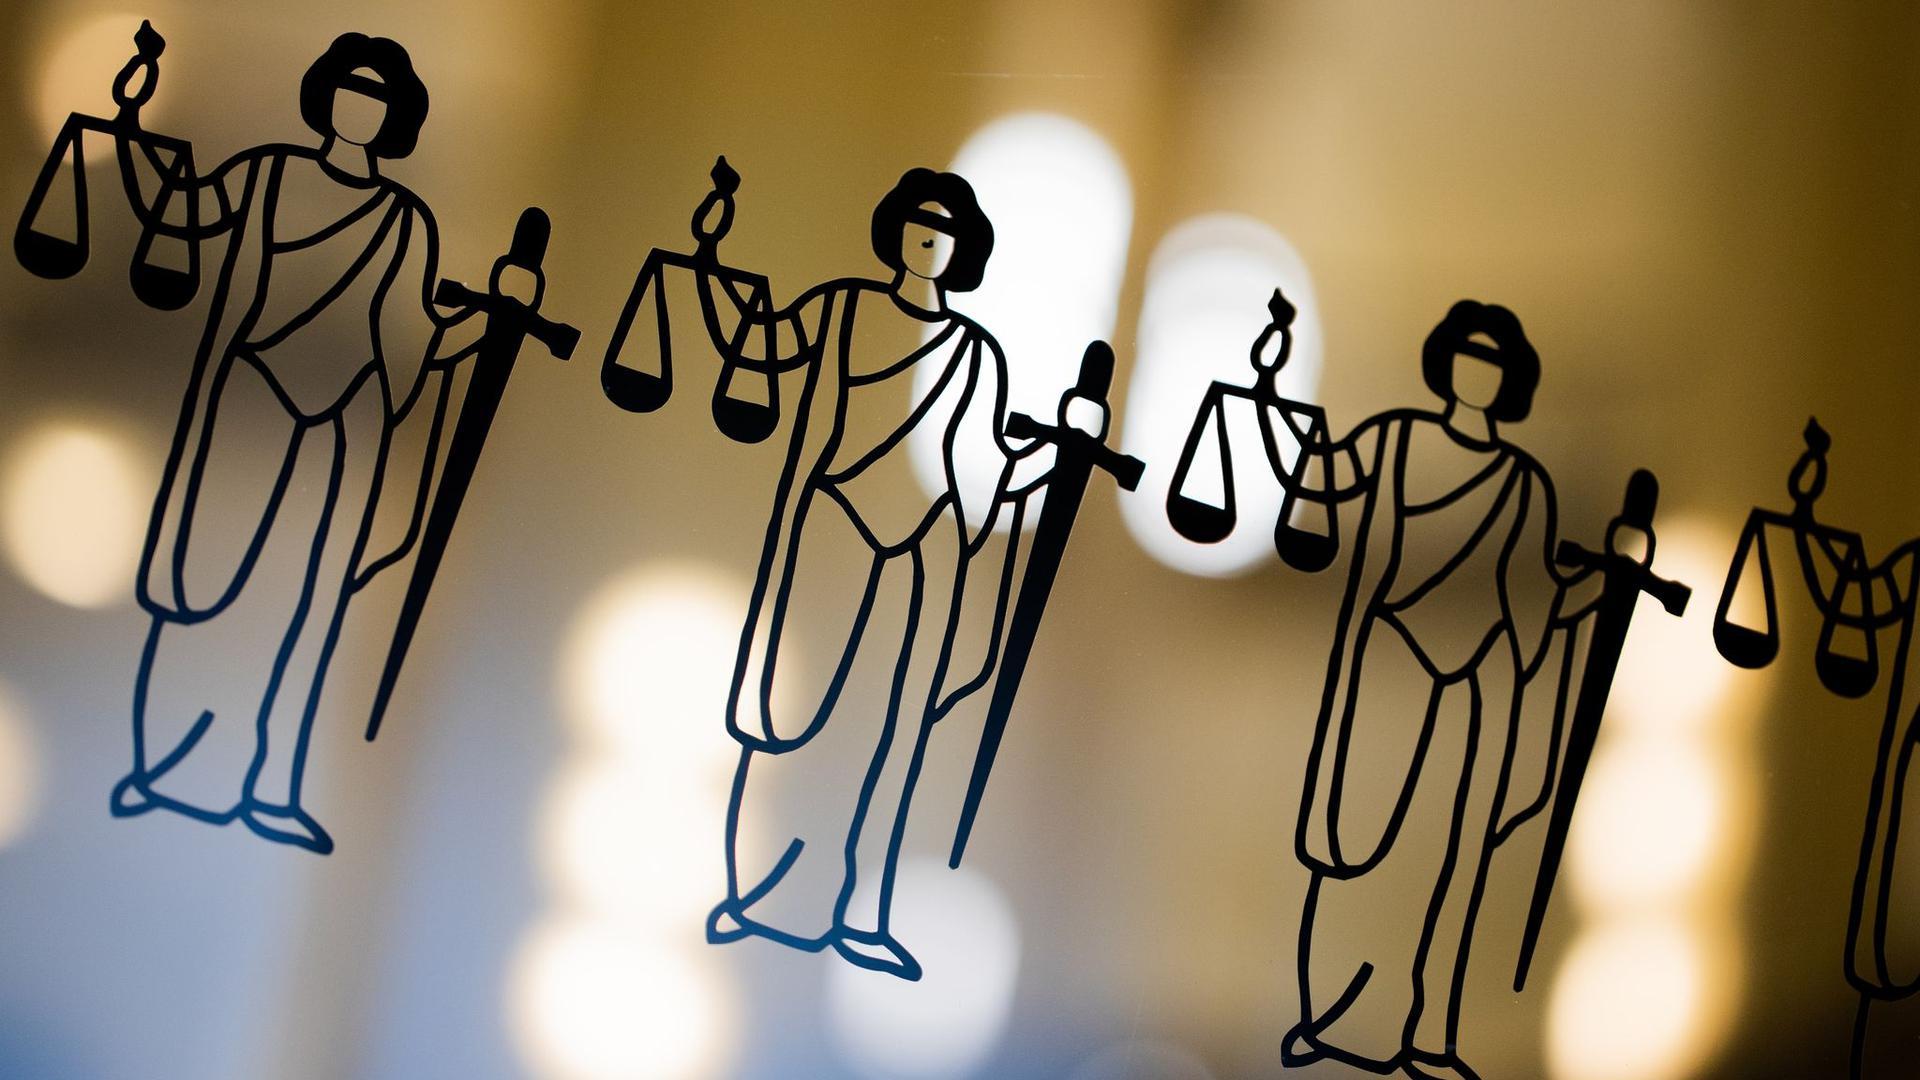 Die Justitia ist an einer Scheibe am Eingang zum Gericht zu sehen.